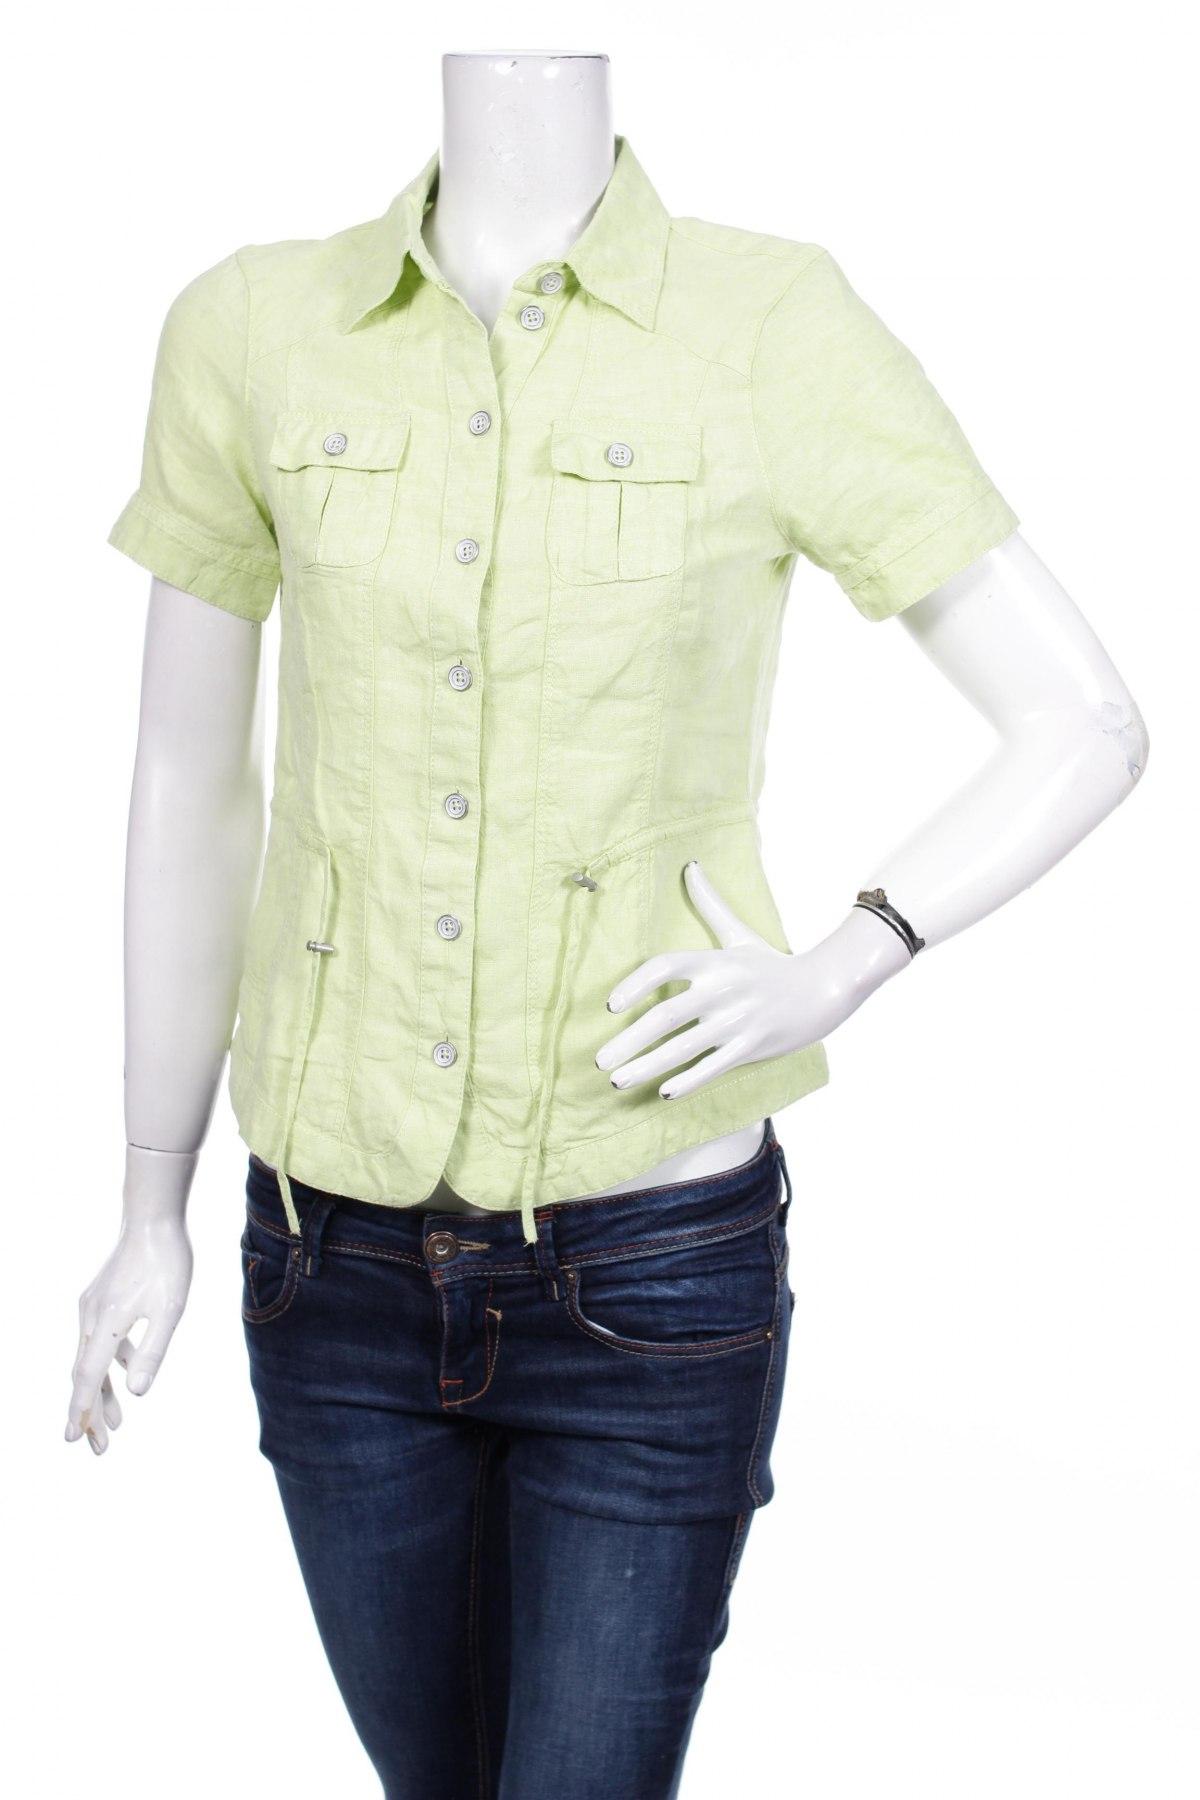 Γυναικείο πουκάμισο Bonita, Μέγεθος S, Χρώμα Πράσινο, Τιμή 9,90€